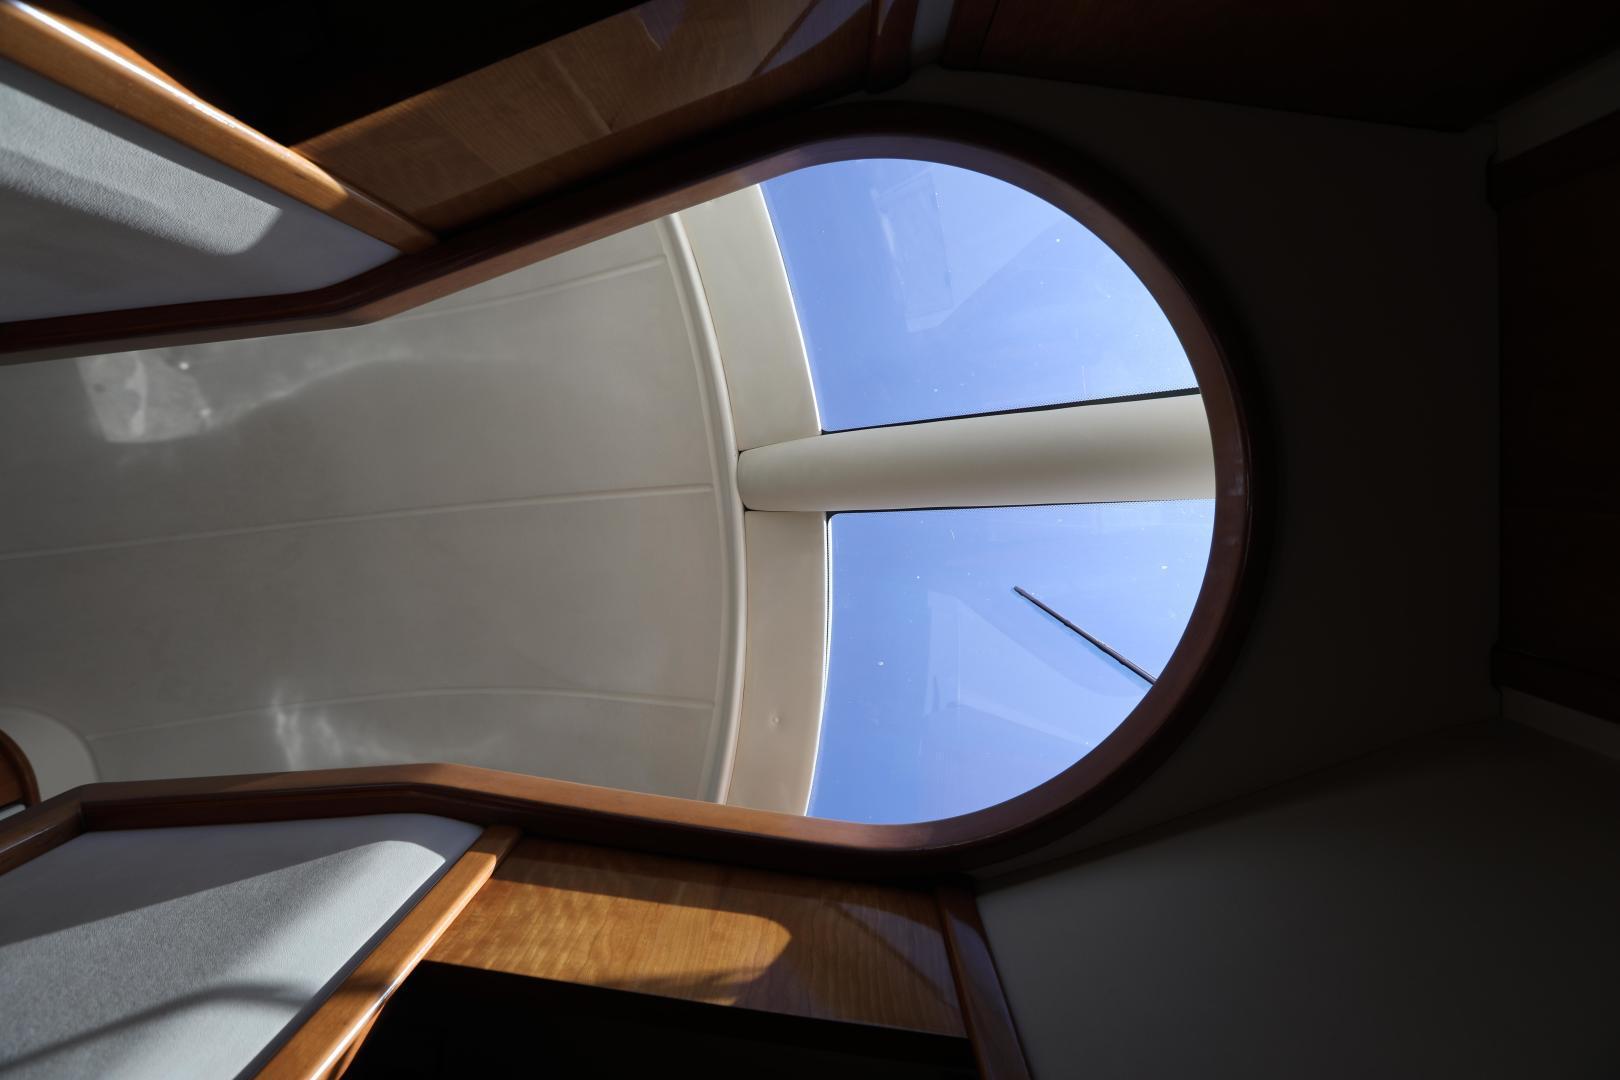 Rodman-Flybridge 2004-La Meli Miami Beach-Florida-United States-1566576 | Thumbnail